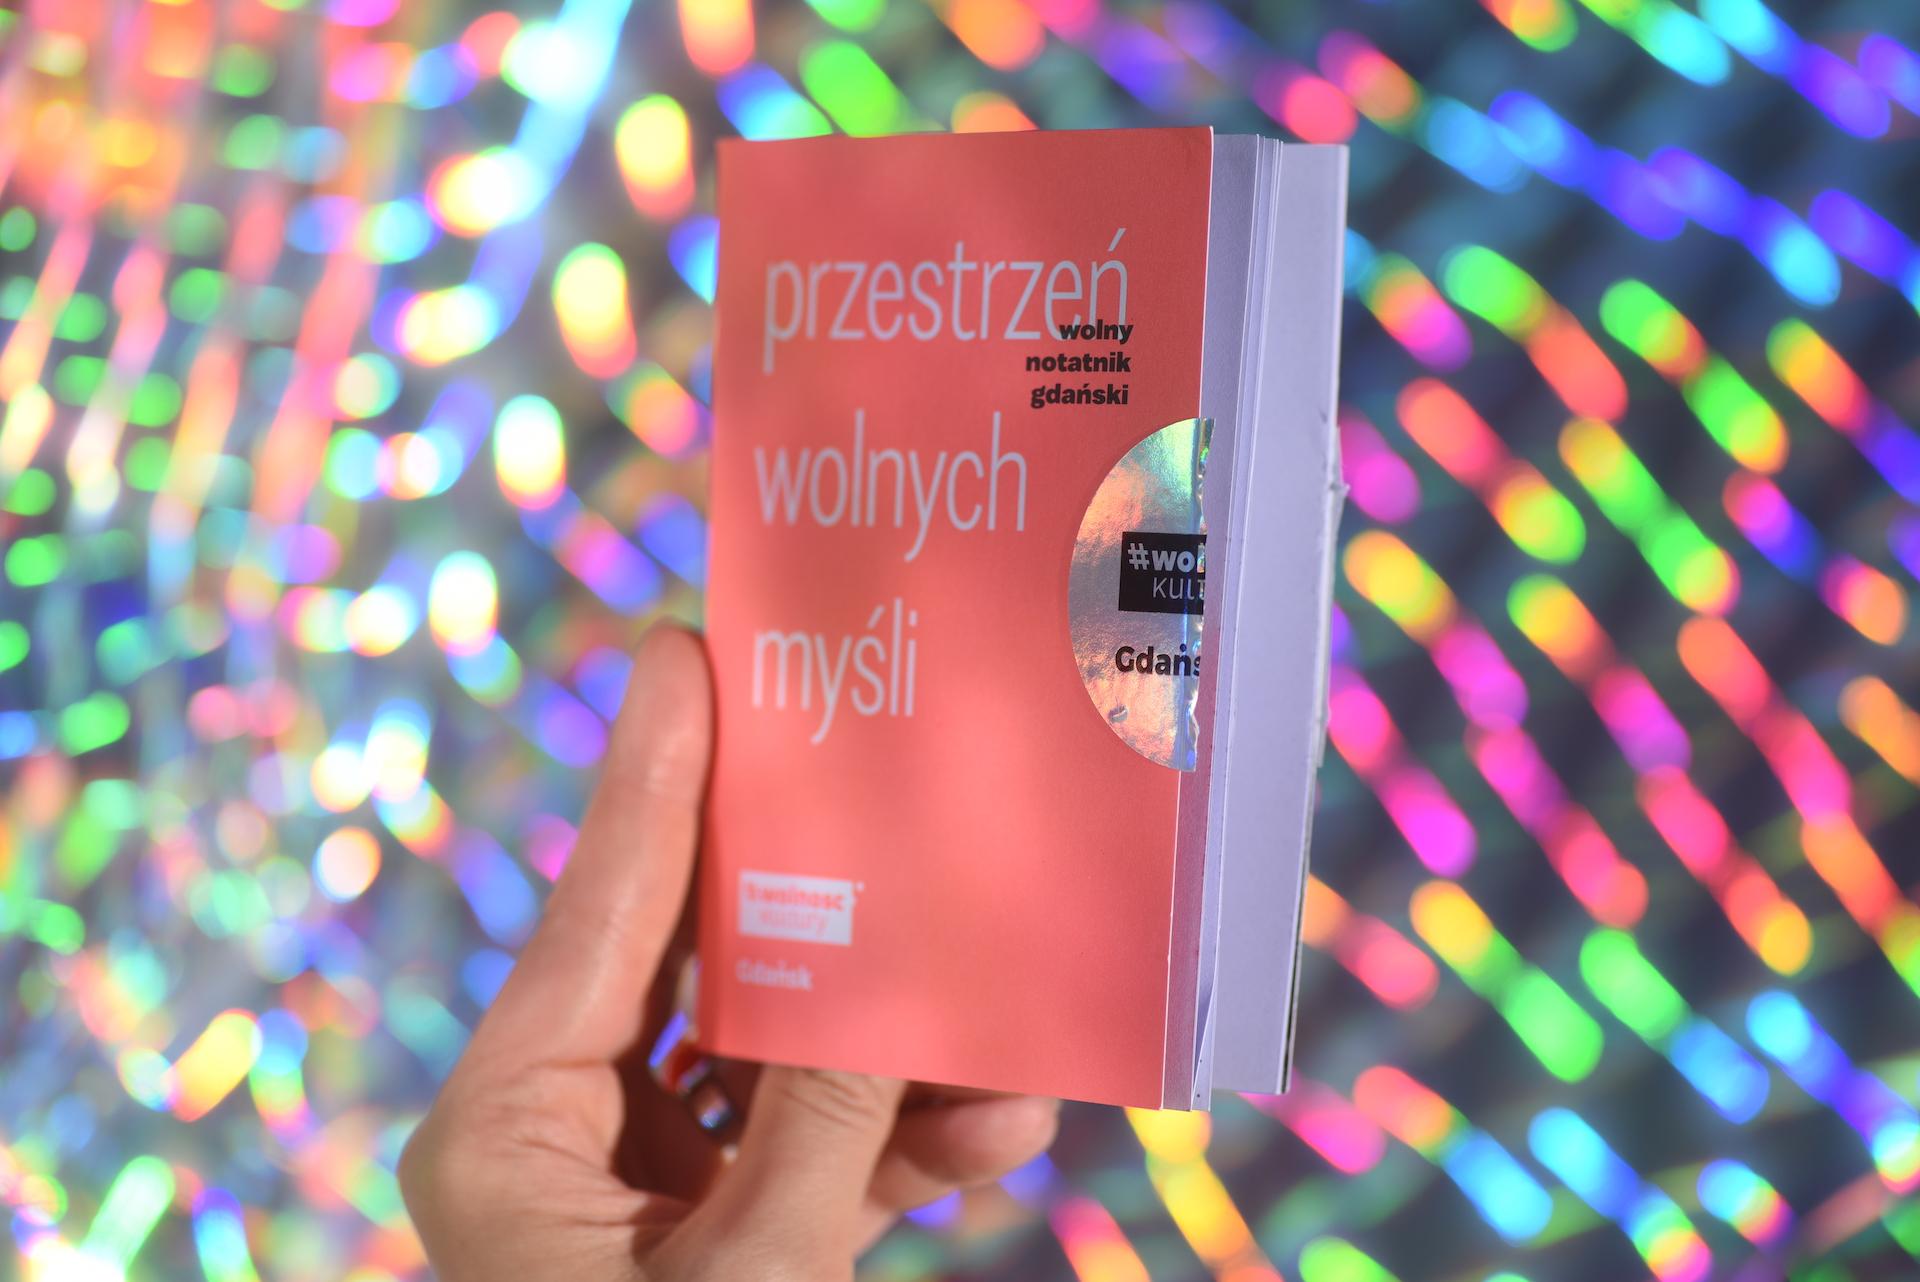 studio spectro notes projekt artystyczny Gdańsk